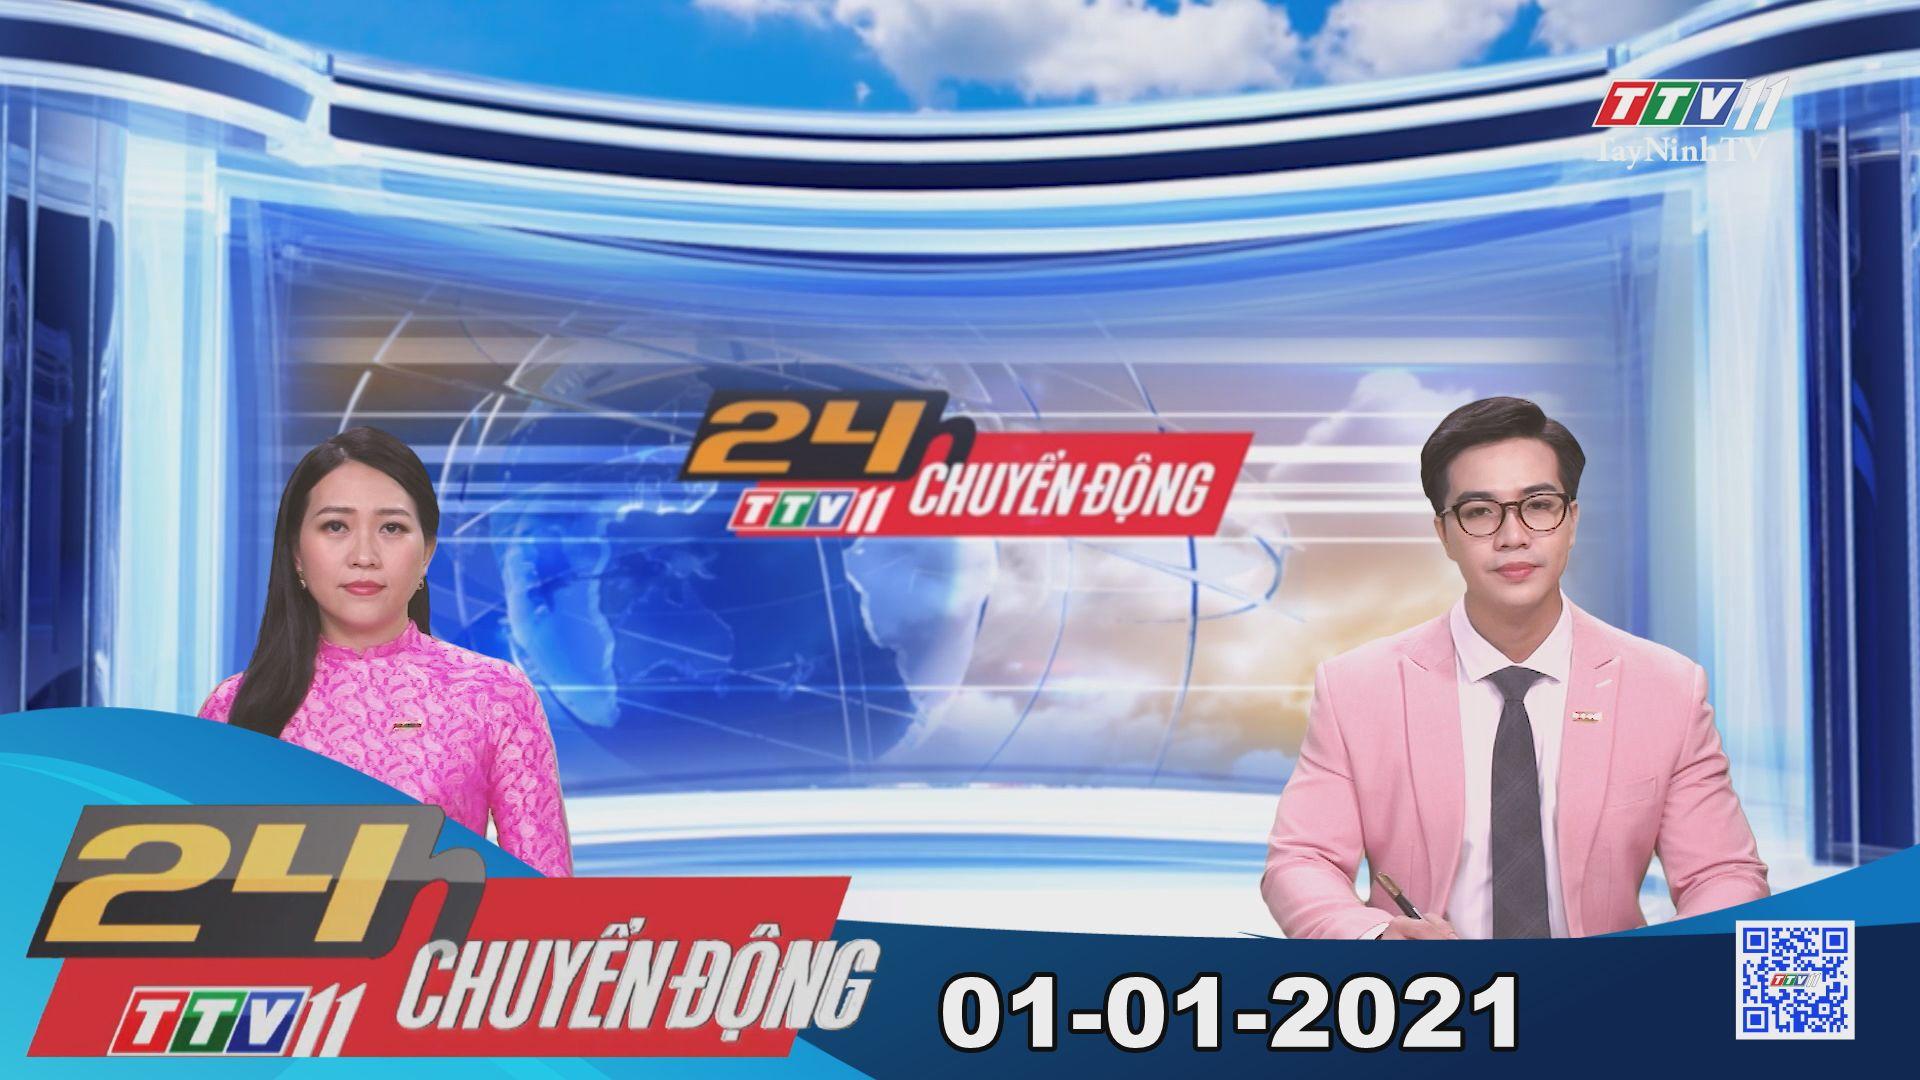 24h Chuyển động 01-01-2021 | Tin tức hôm nay | TayNinhTV